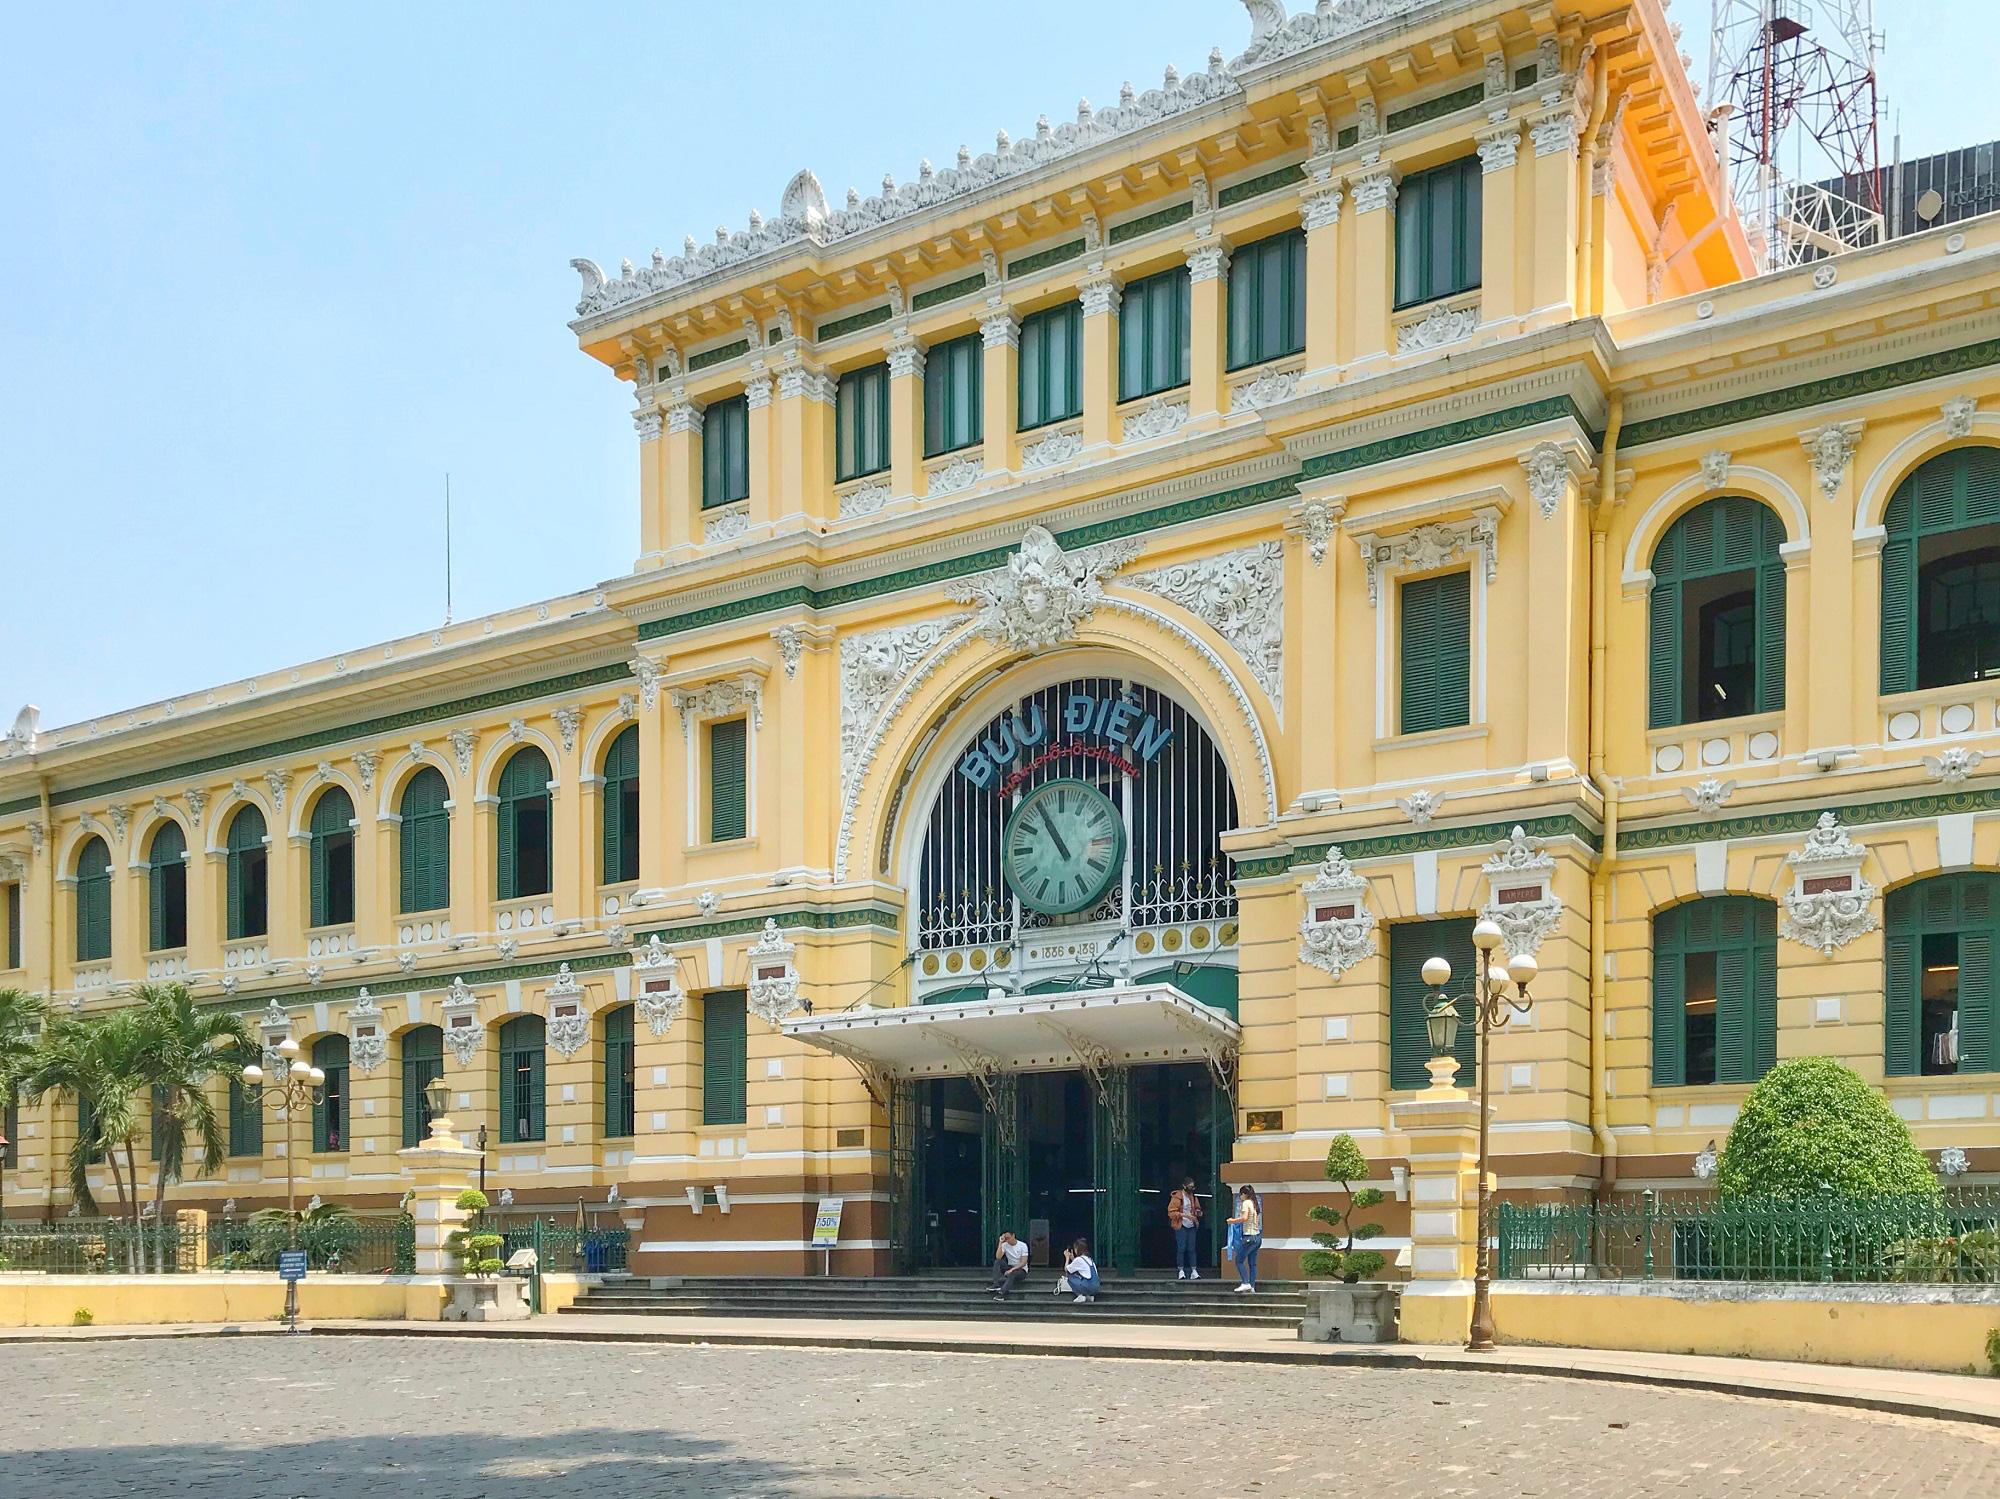 Các điểm du lịch tại TP.HCM vắng hoàn toàn sau quyết định dừng nhập cảnh người nước ngoài vào Việt Nam - Ảnh 11.